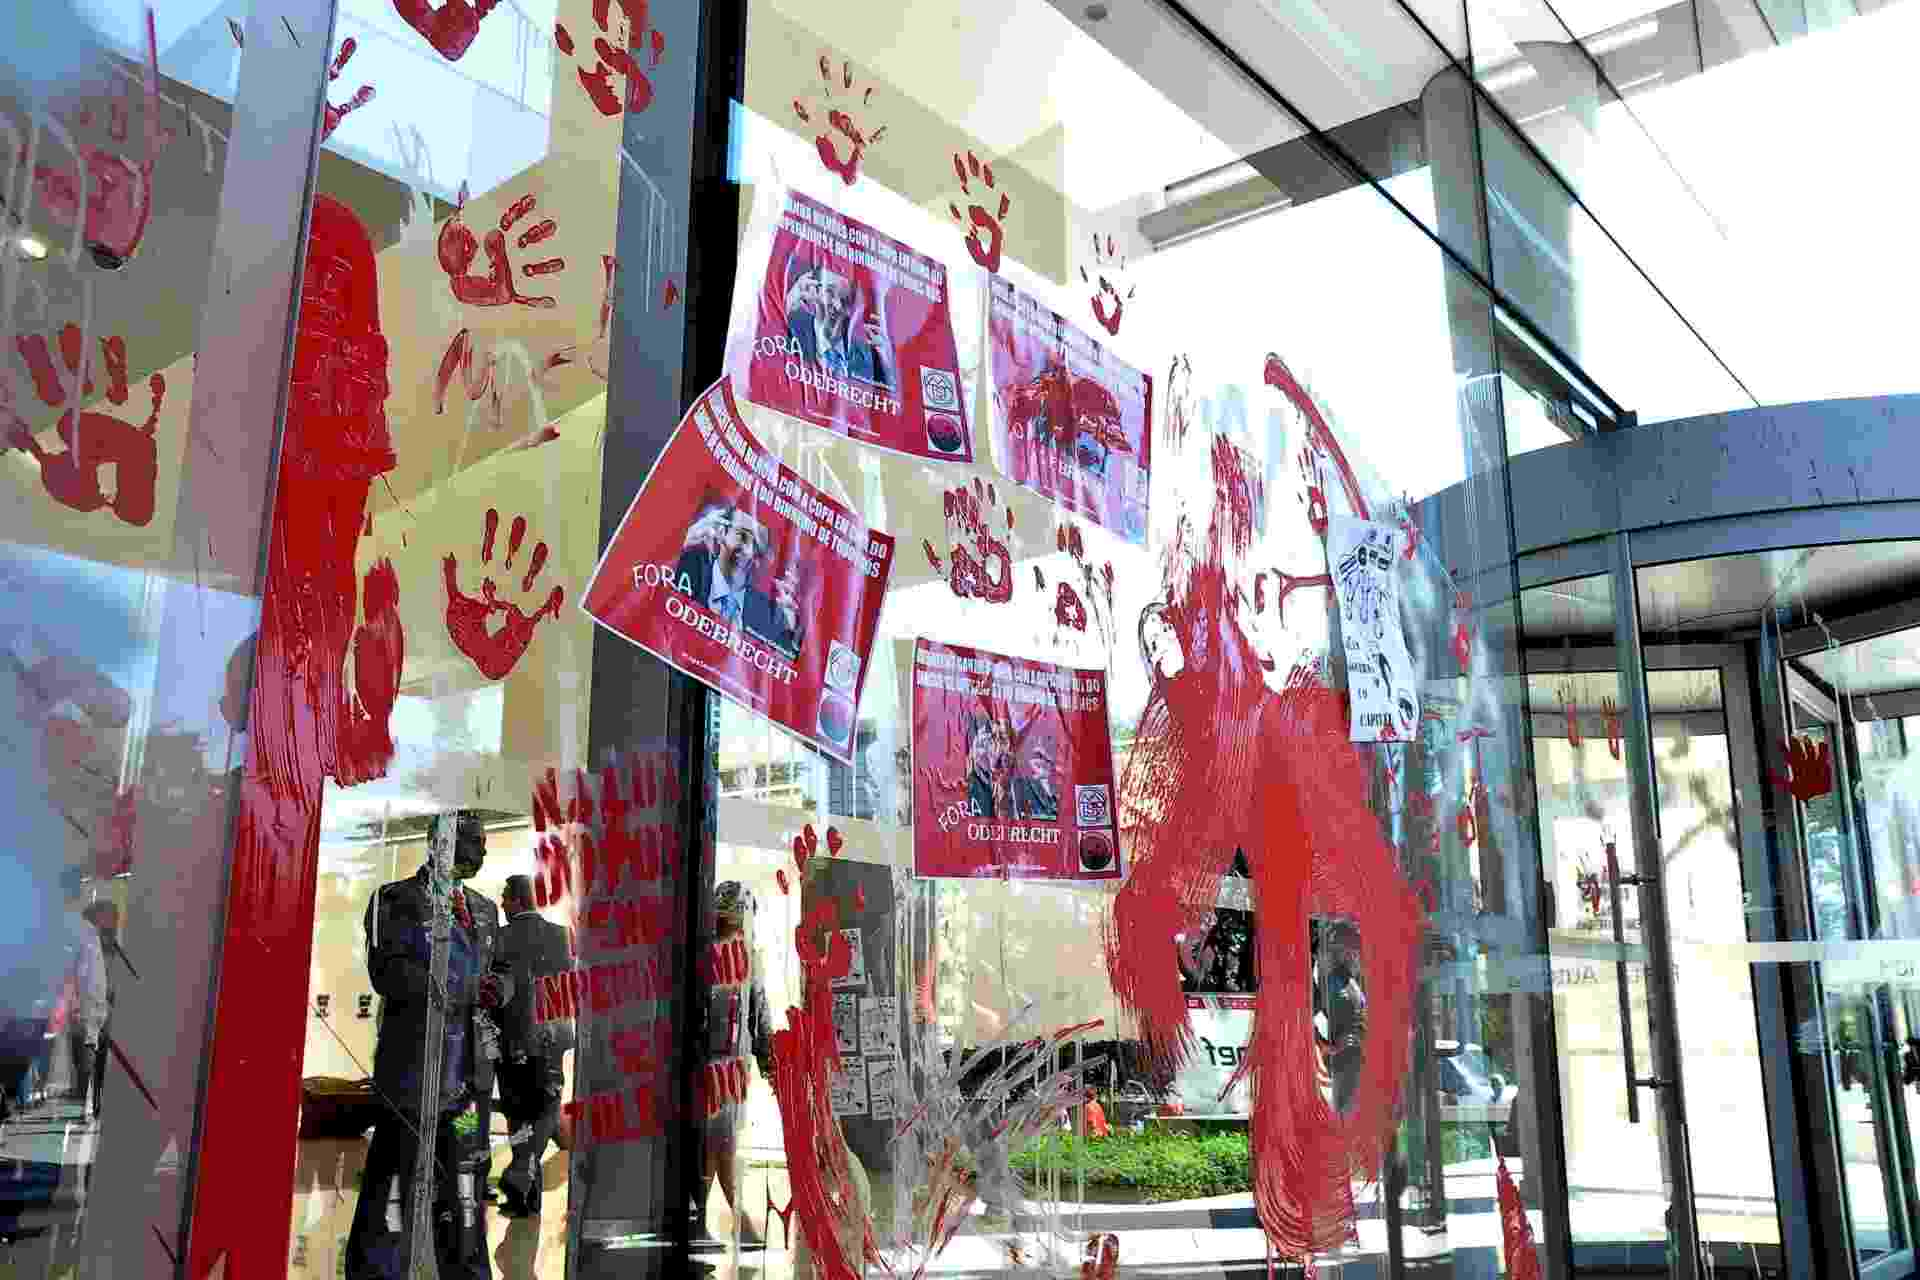 8.mai.2014 - Manifestantes atiram tinta em vidro do hall de entrada do escritório da construtora Odebrecht, na marginal Pinheiros, zona oeste de São Paulo, na manhã desta quinta-feira (8). Cerca de 100 integrantes do MST (Movimento dos Trabalhadores Sem Terra) participaram de protesto na capital paulista contra os gastos da Copa do Mundo - Kevin David/Futura Press/Estadão Conteúdo